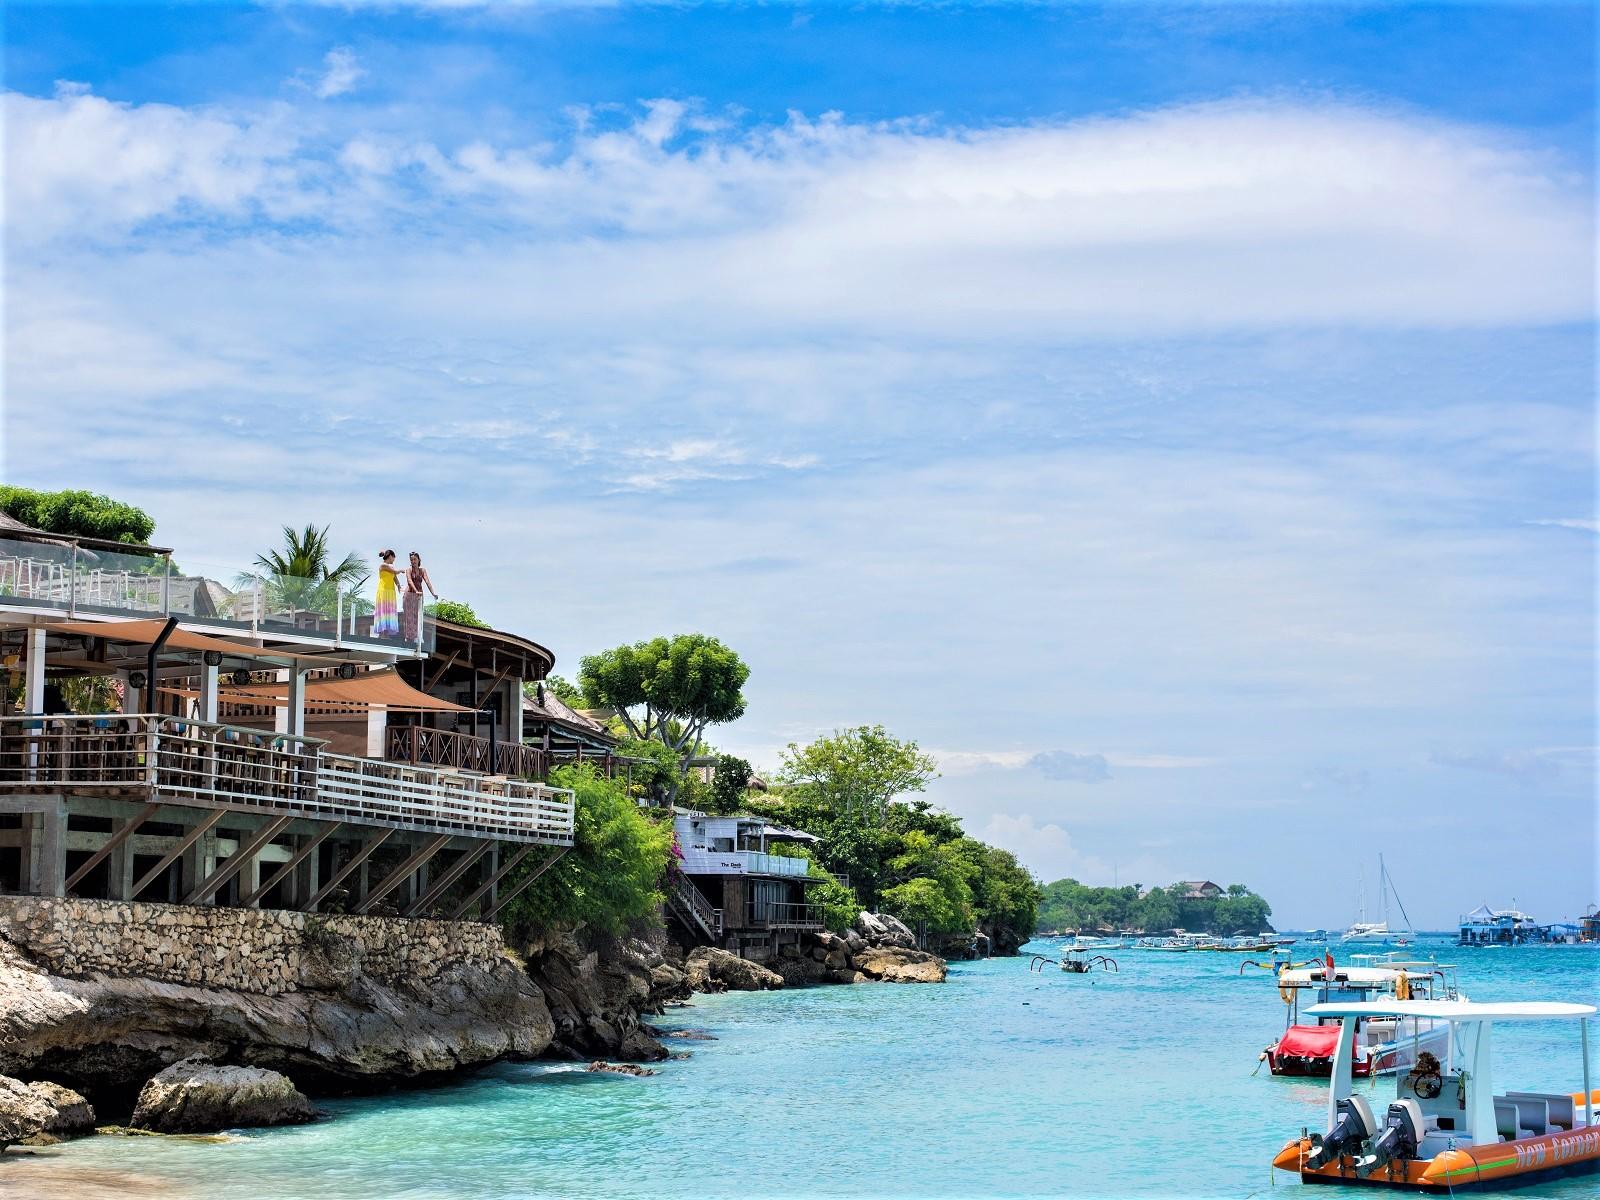 【レンボンガン島】ホテル選びを失敗しないための宿泊エリア基本情報